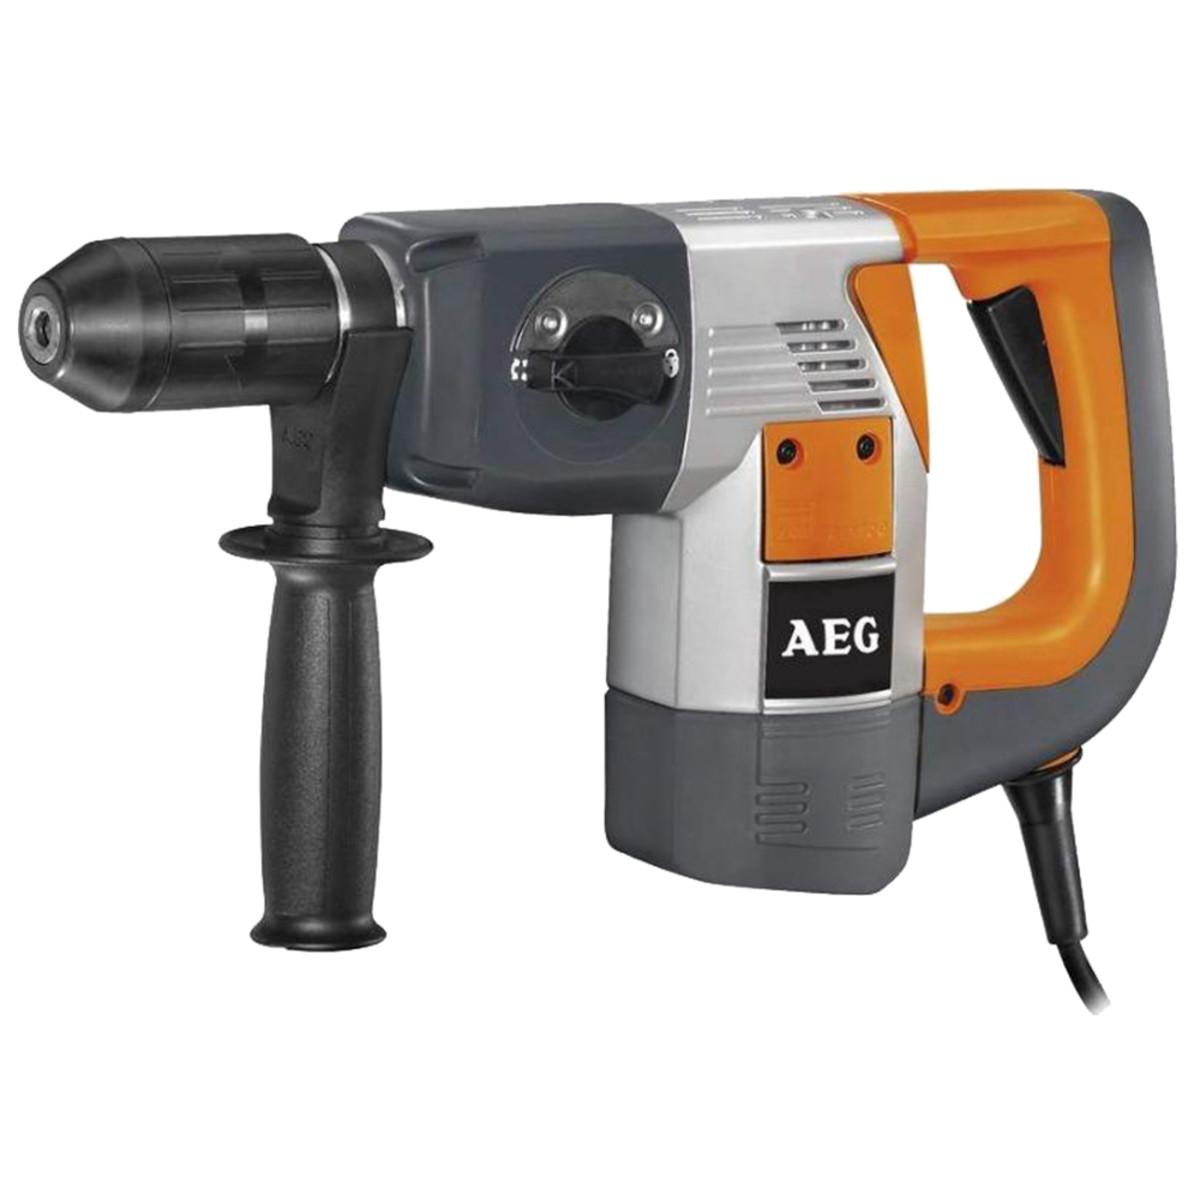 Сетевой отбойный молоток AEG PM 3 4935412541